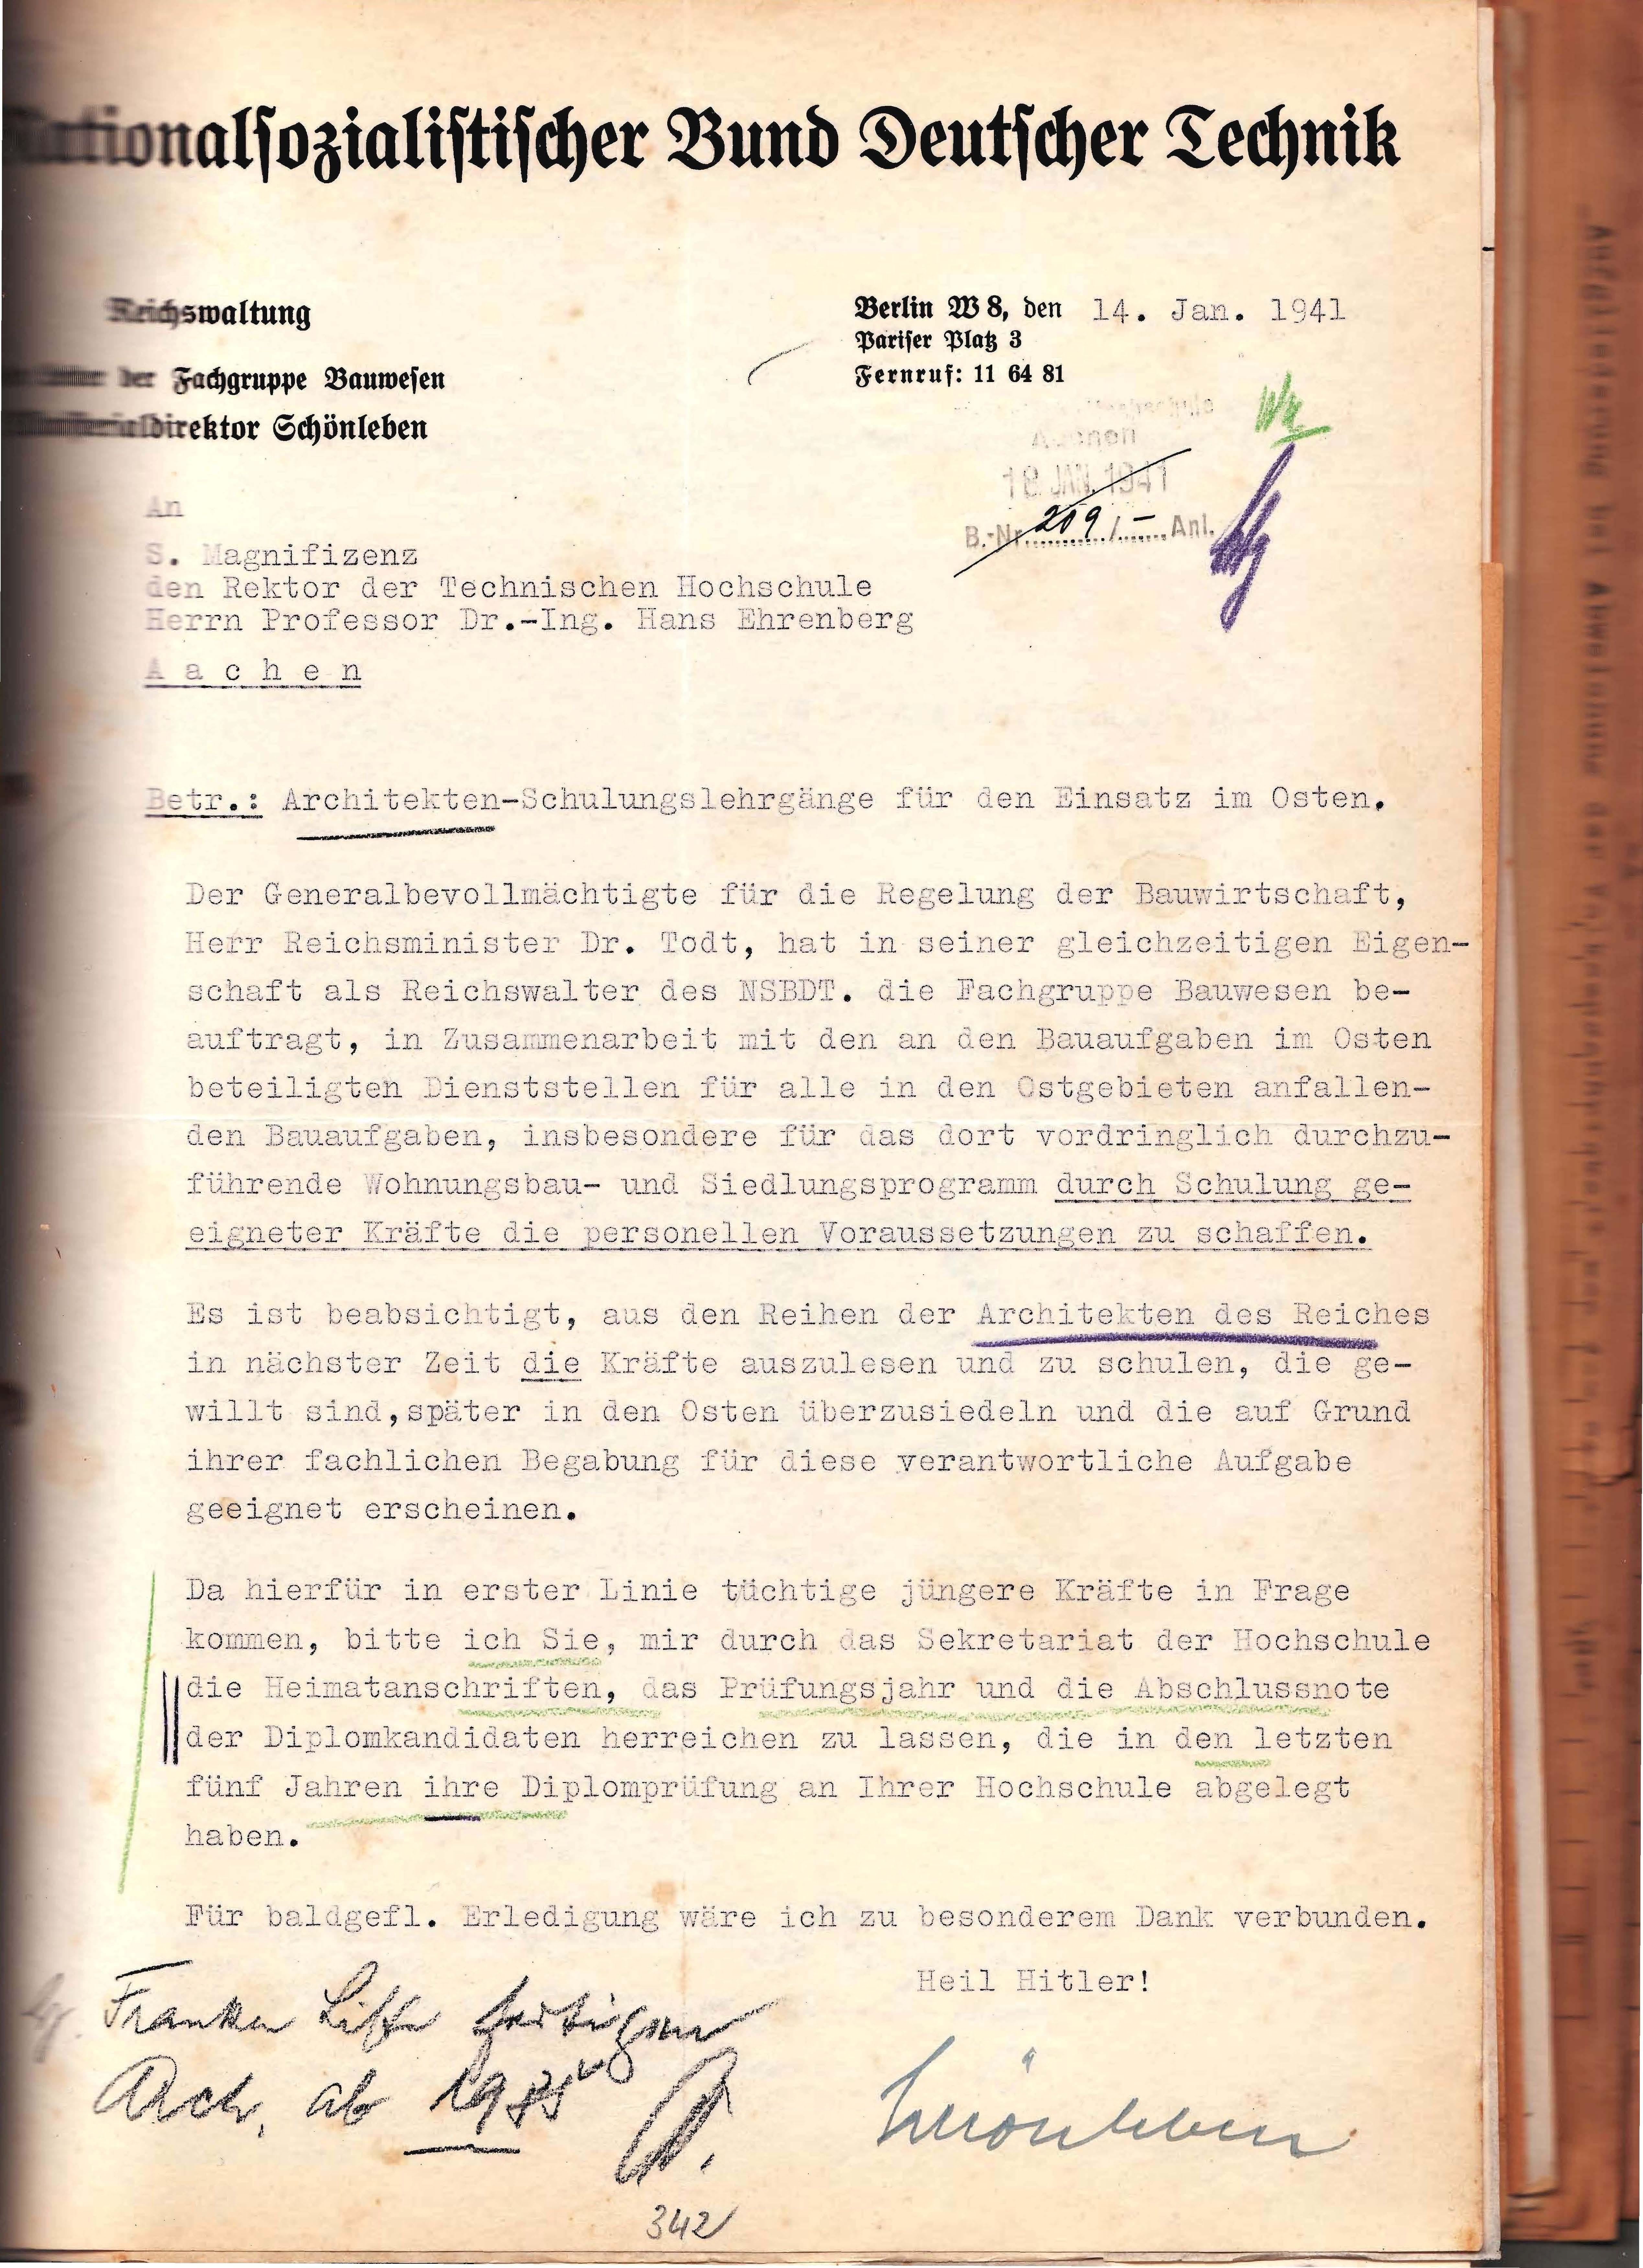 Akte 378 Arbeitseinsatz im Osten 1941